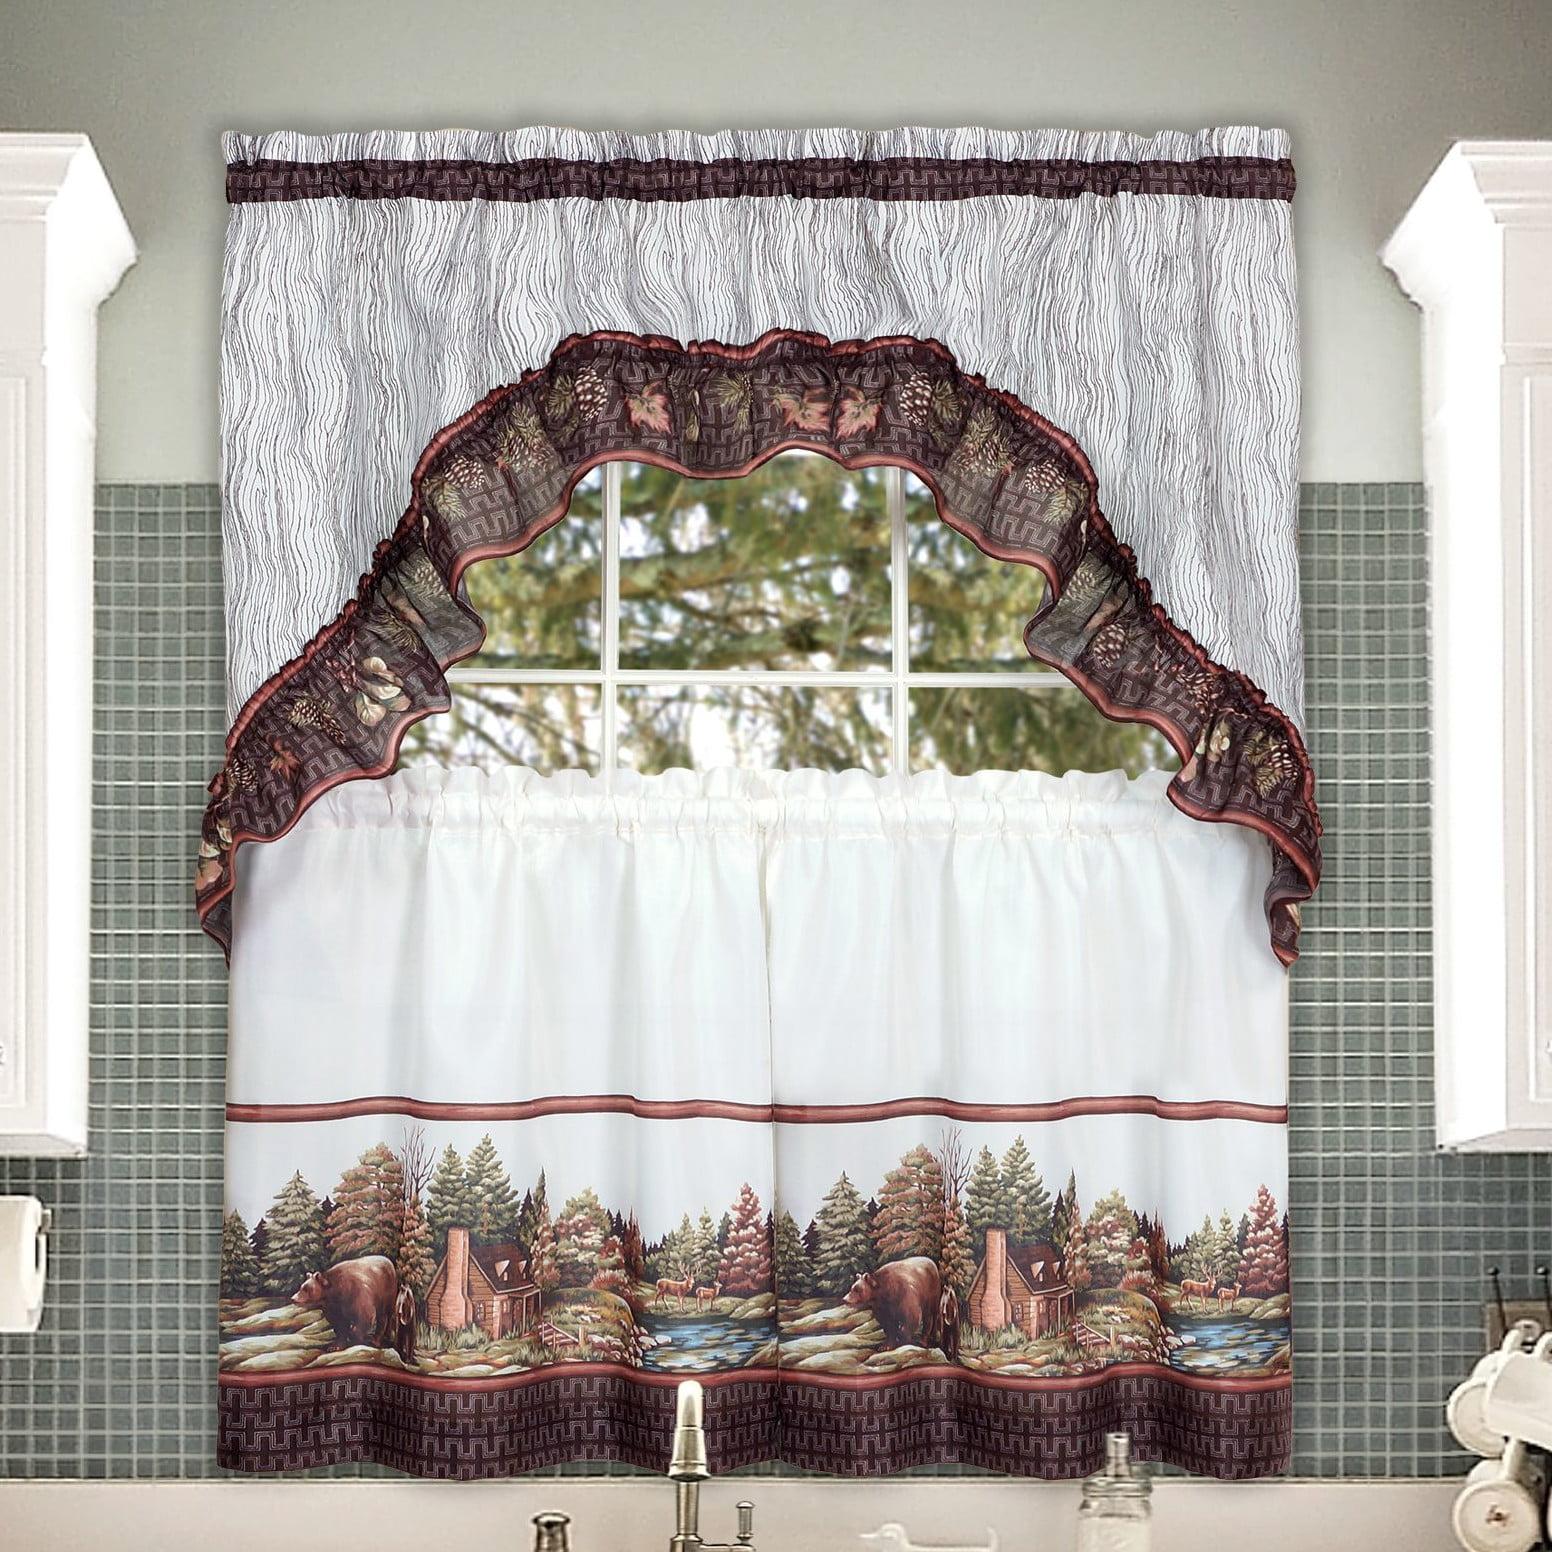 Alaska Wilderness Kitchen Curtain Tier & Swag Set- 36 In